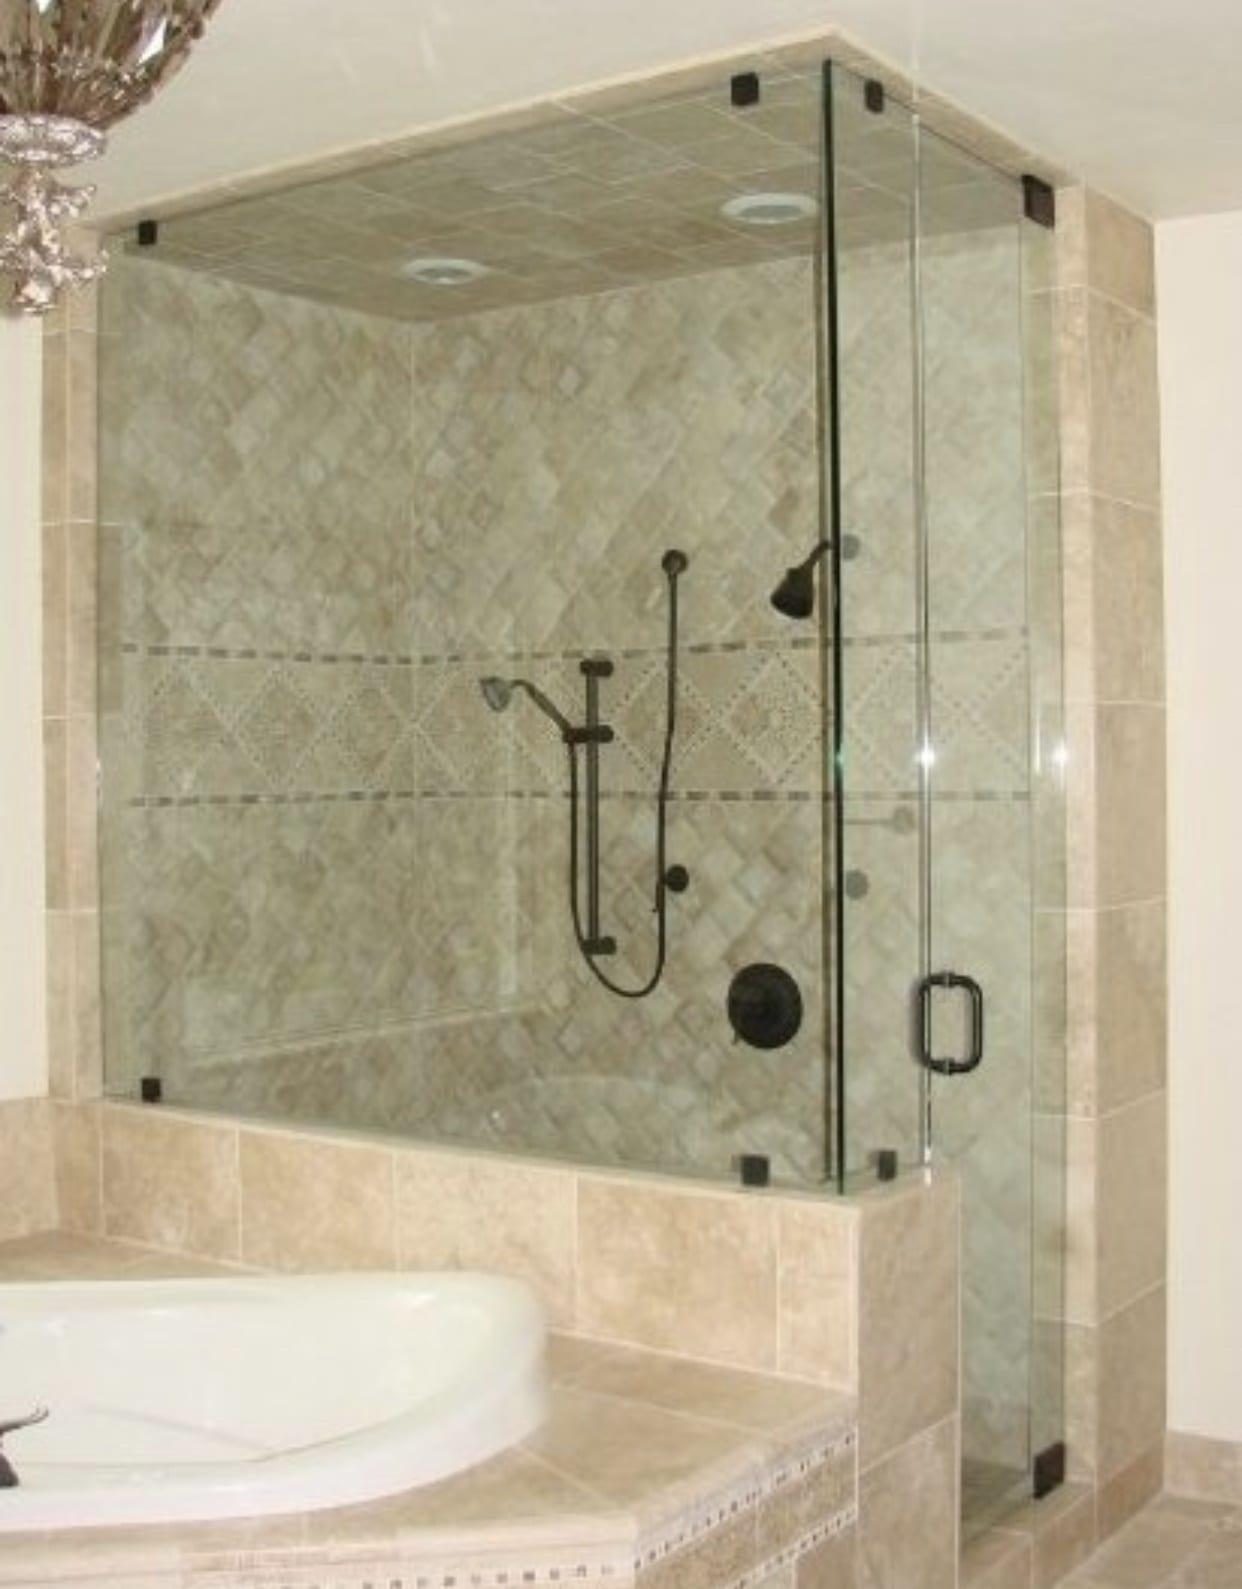 frameless shower doors img 2153 - Shower Doors of Nashville